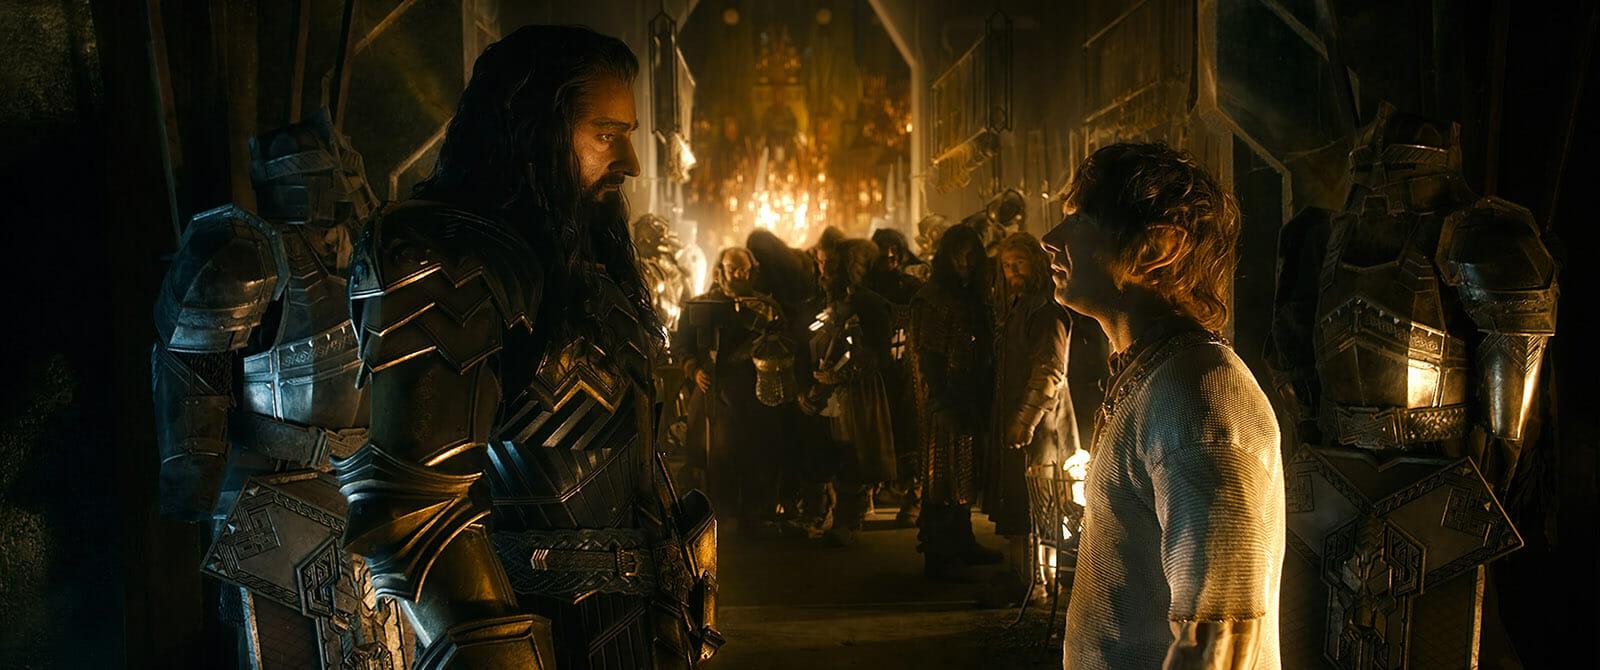 Le-Hobbit-la-bataille-des-cinq-armées-Thorin-Bilbo